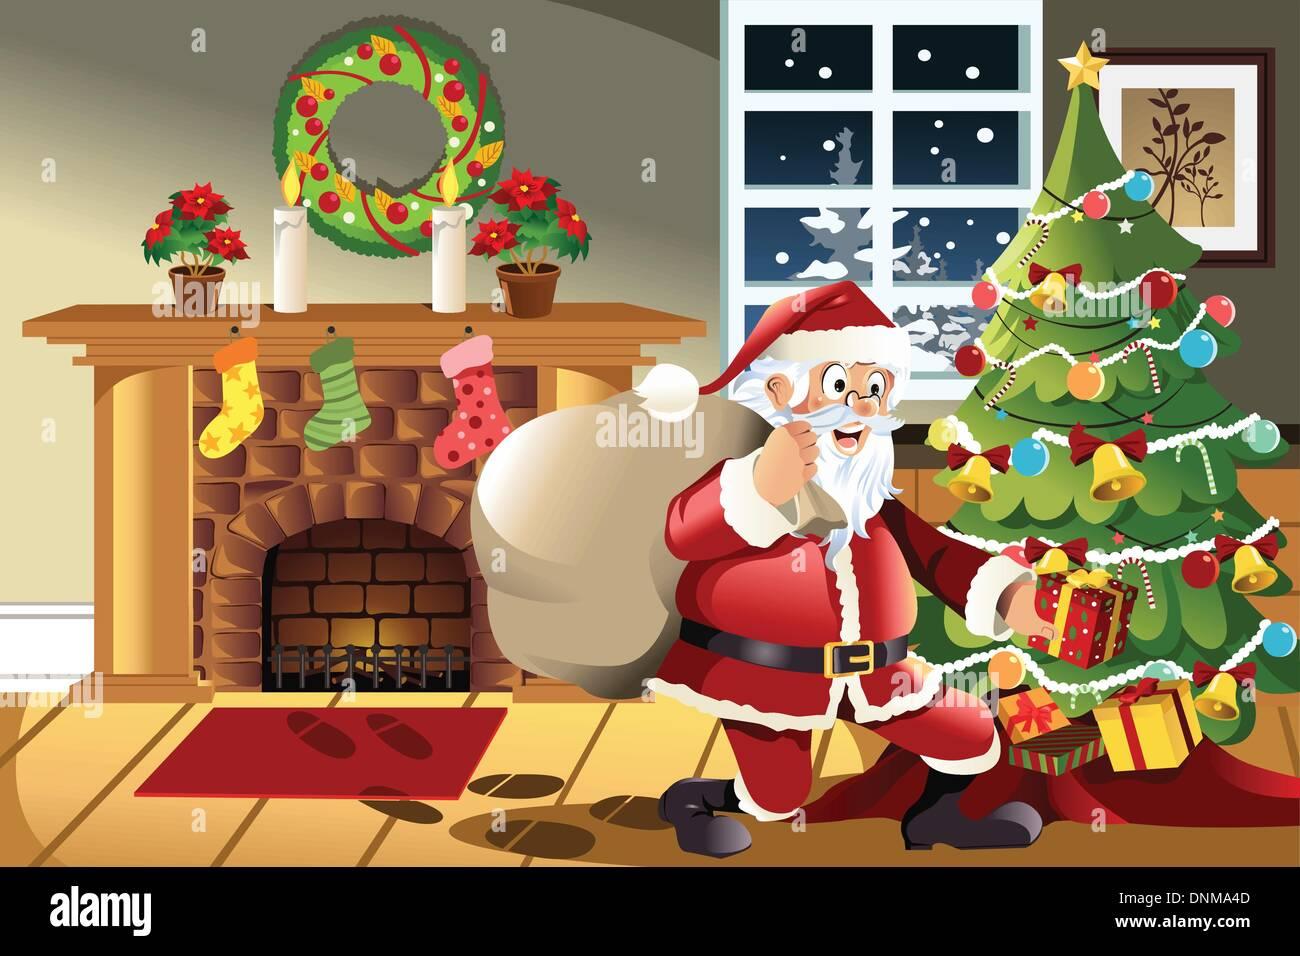 Regali Di Babbo Natale.Una Illustrazione Vettoriale Di Babbo Natale Che Porta Un Sacco Di Regali Di Natale La Caduta Di Una Presente Sotto L Albero Di Natale Immagine E Vettoriale Alamy